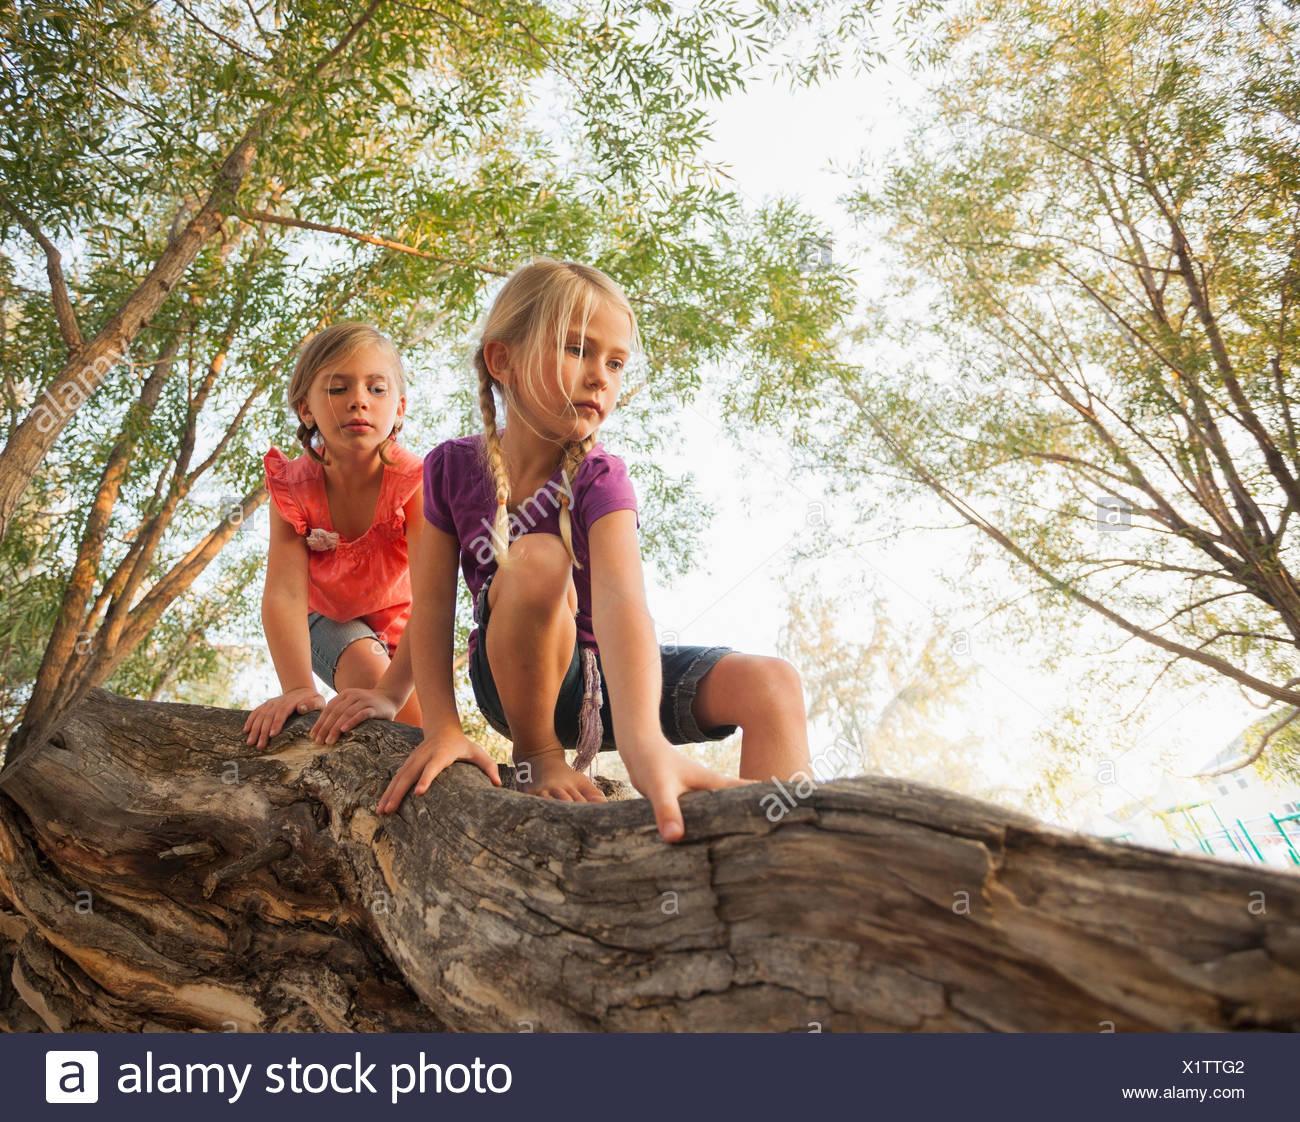 USA, Utah, Lehi, Two little girls (4-5, 6-7) climbing on horizontal tree branch - Stock Image